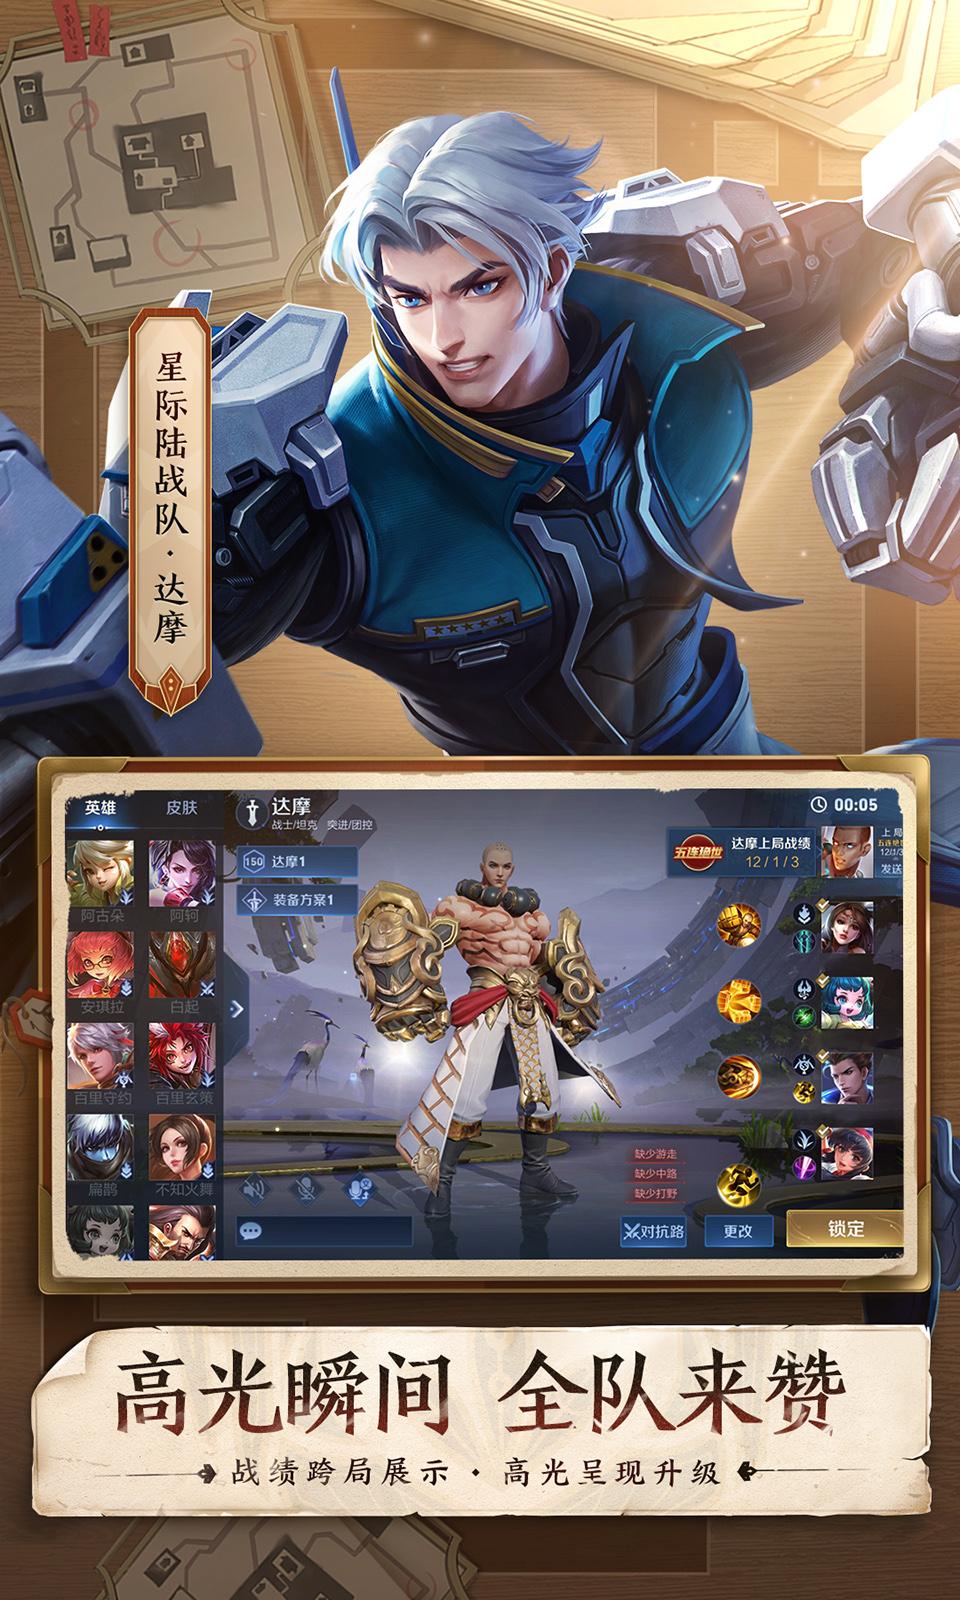 王者荣耀(S23赛季)